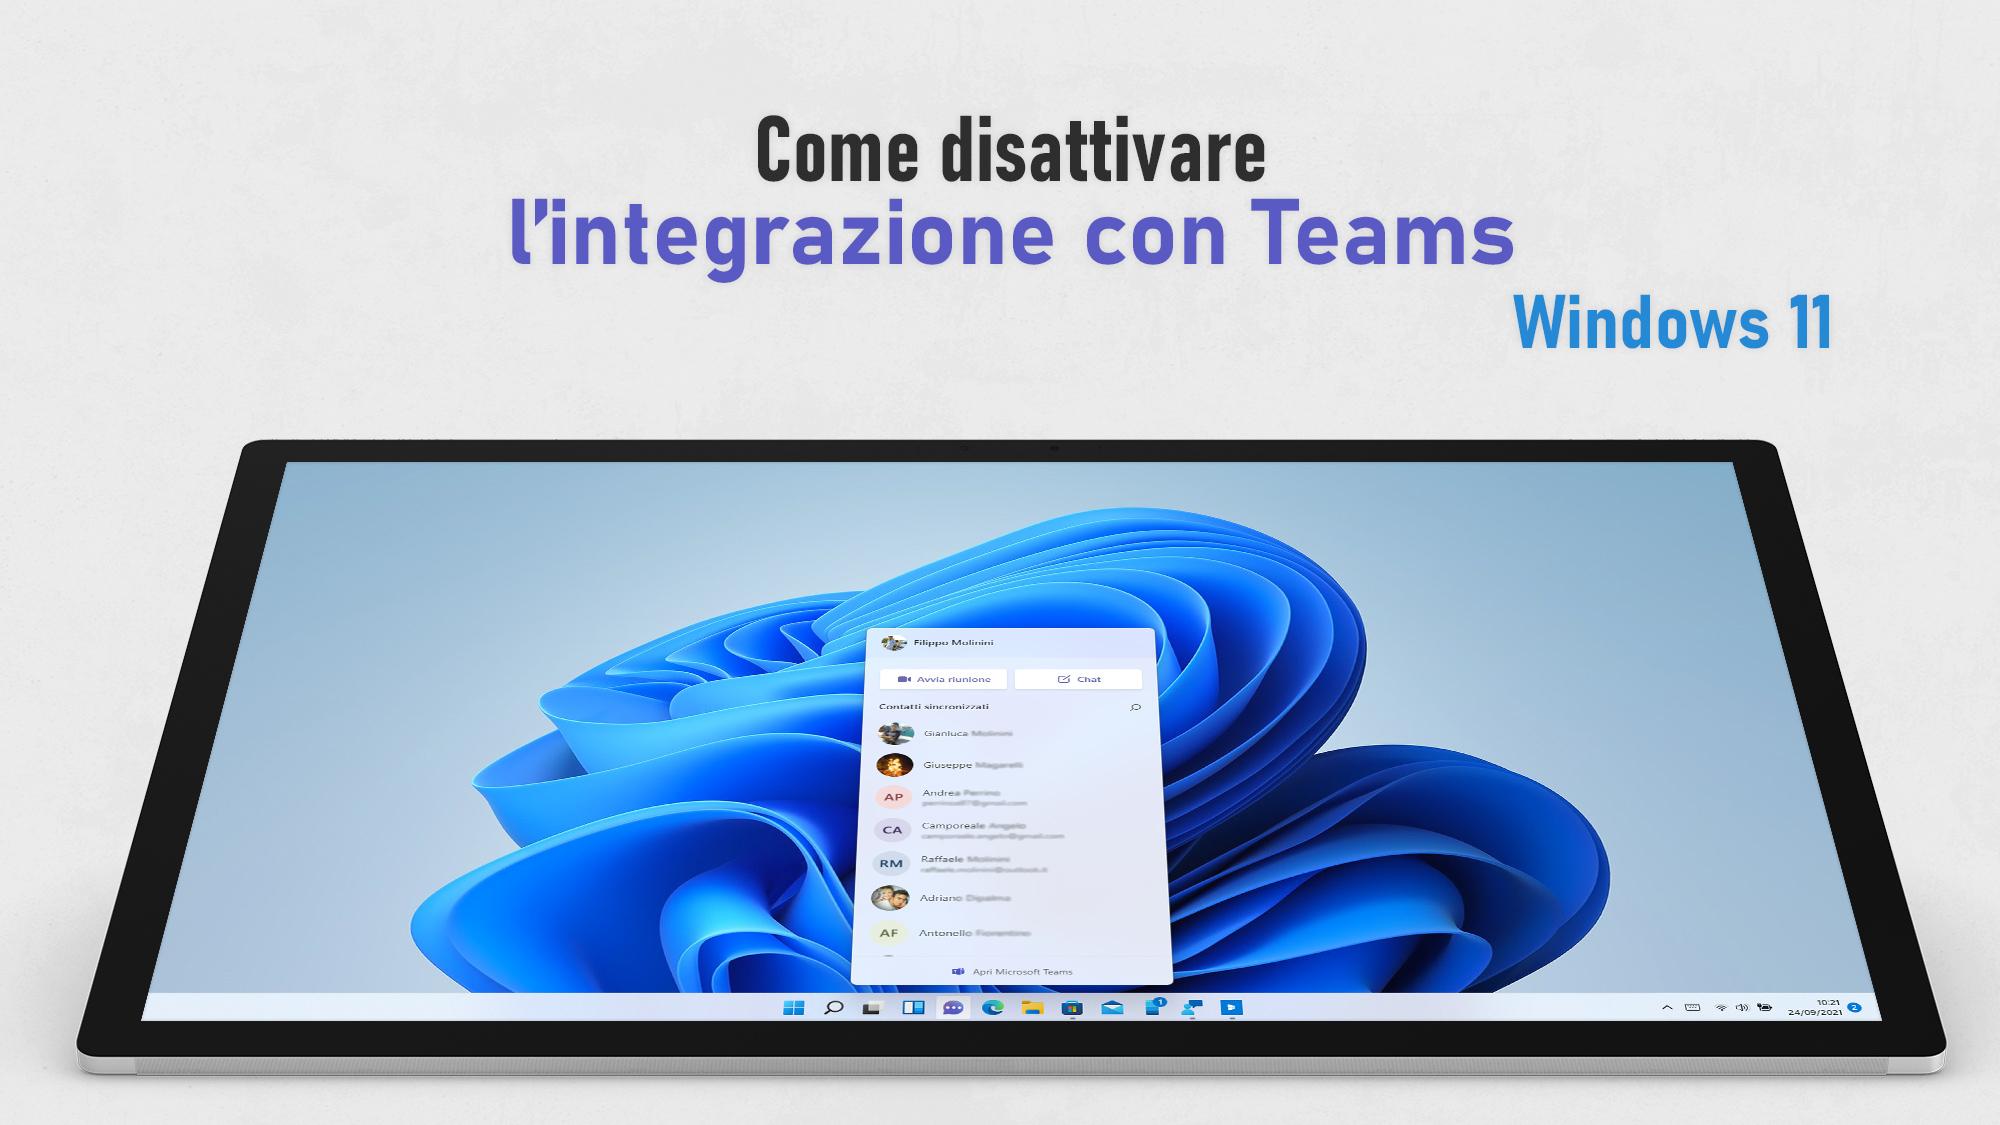 Windows 11 - Chat - Come disattivare l'integrazione con Microsoft Teams